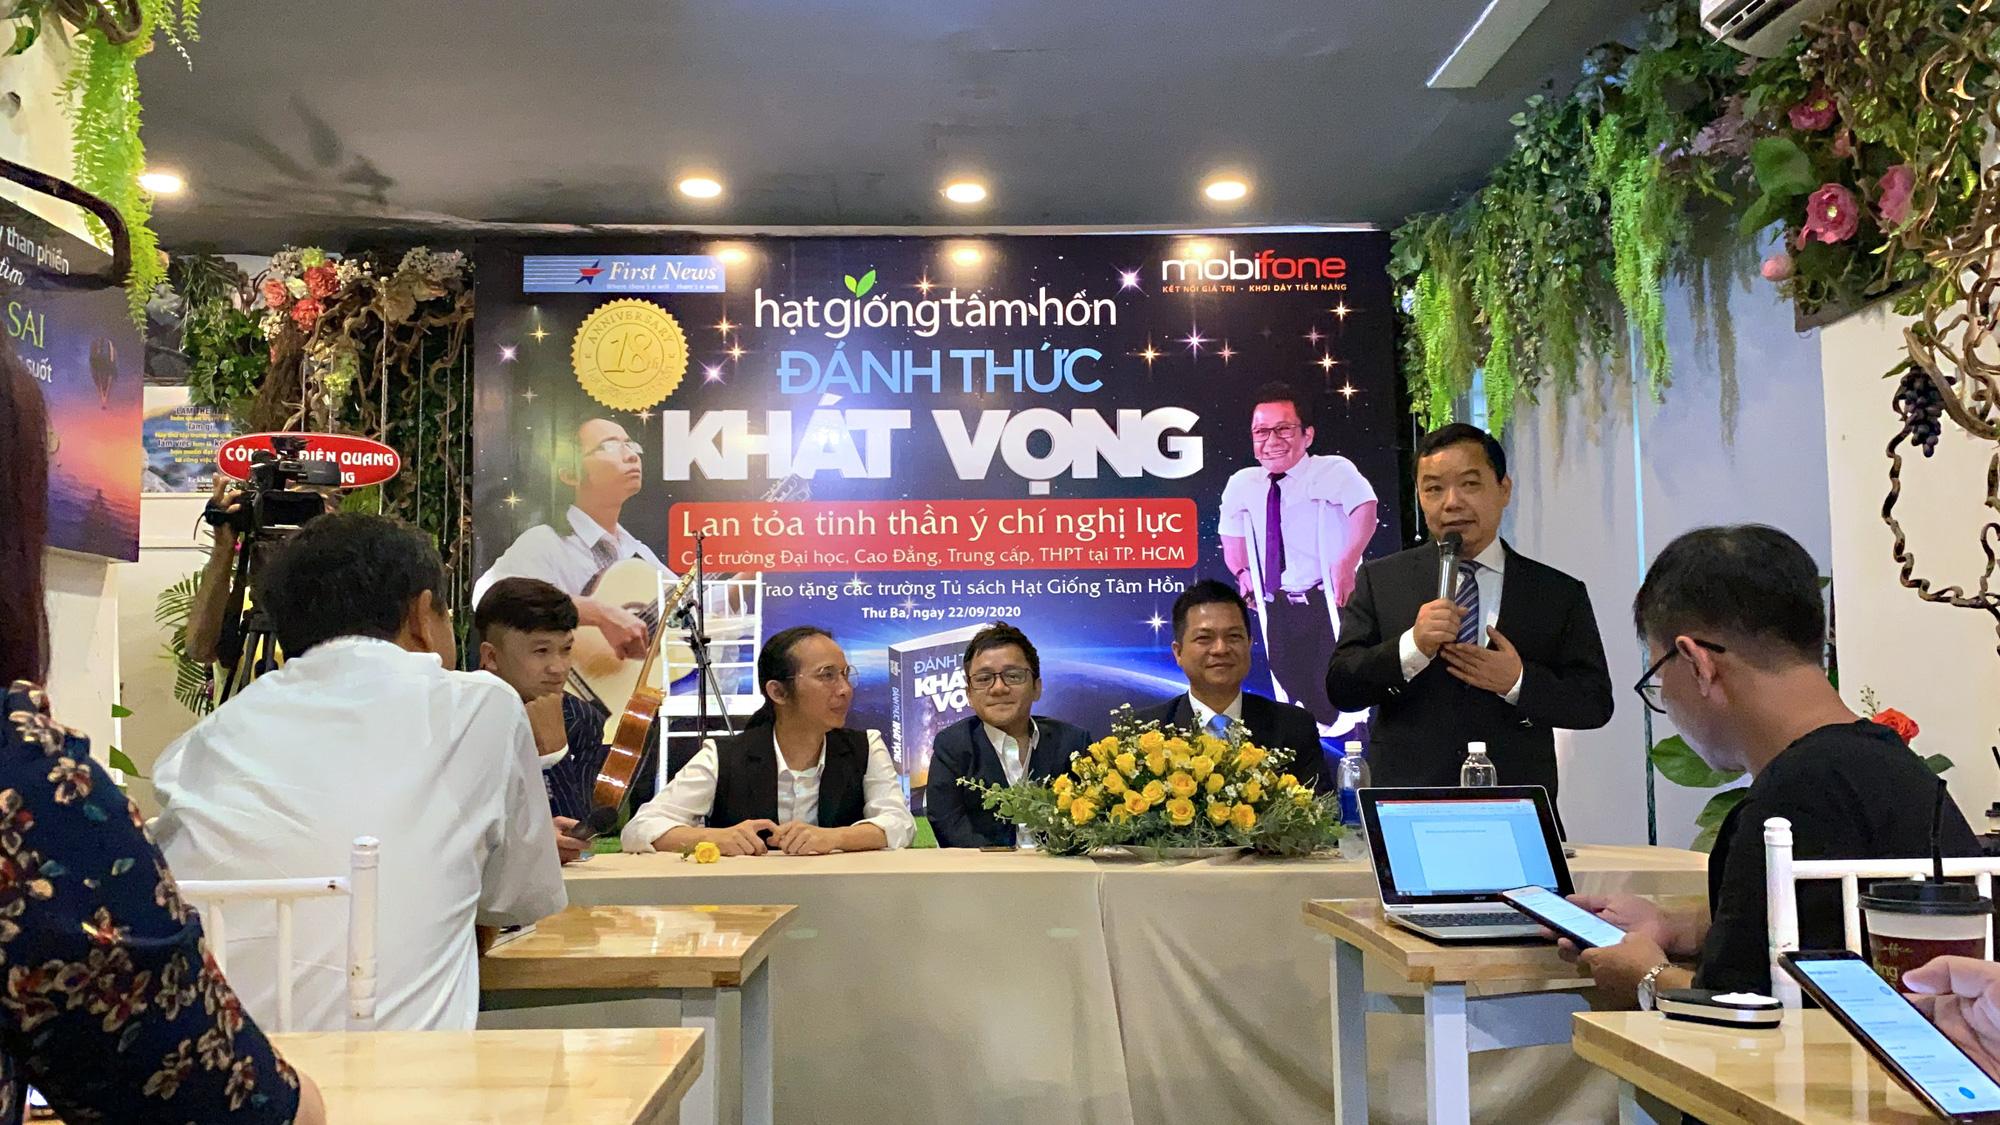 """Diễn giả Sơn Lâm và nhạc sĩ Hà Chương """"Đánh thức khát vọng"""" cho 30.000 học sinh, sinh viên - Ảnh 2."""